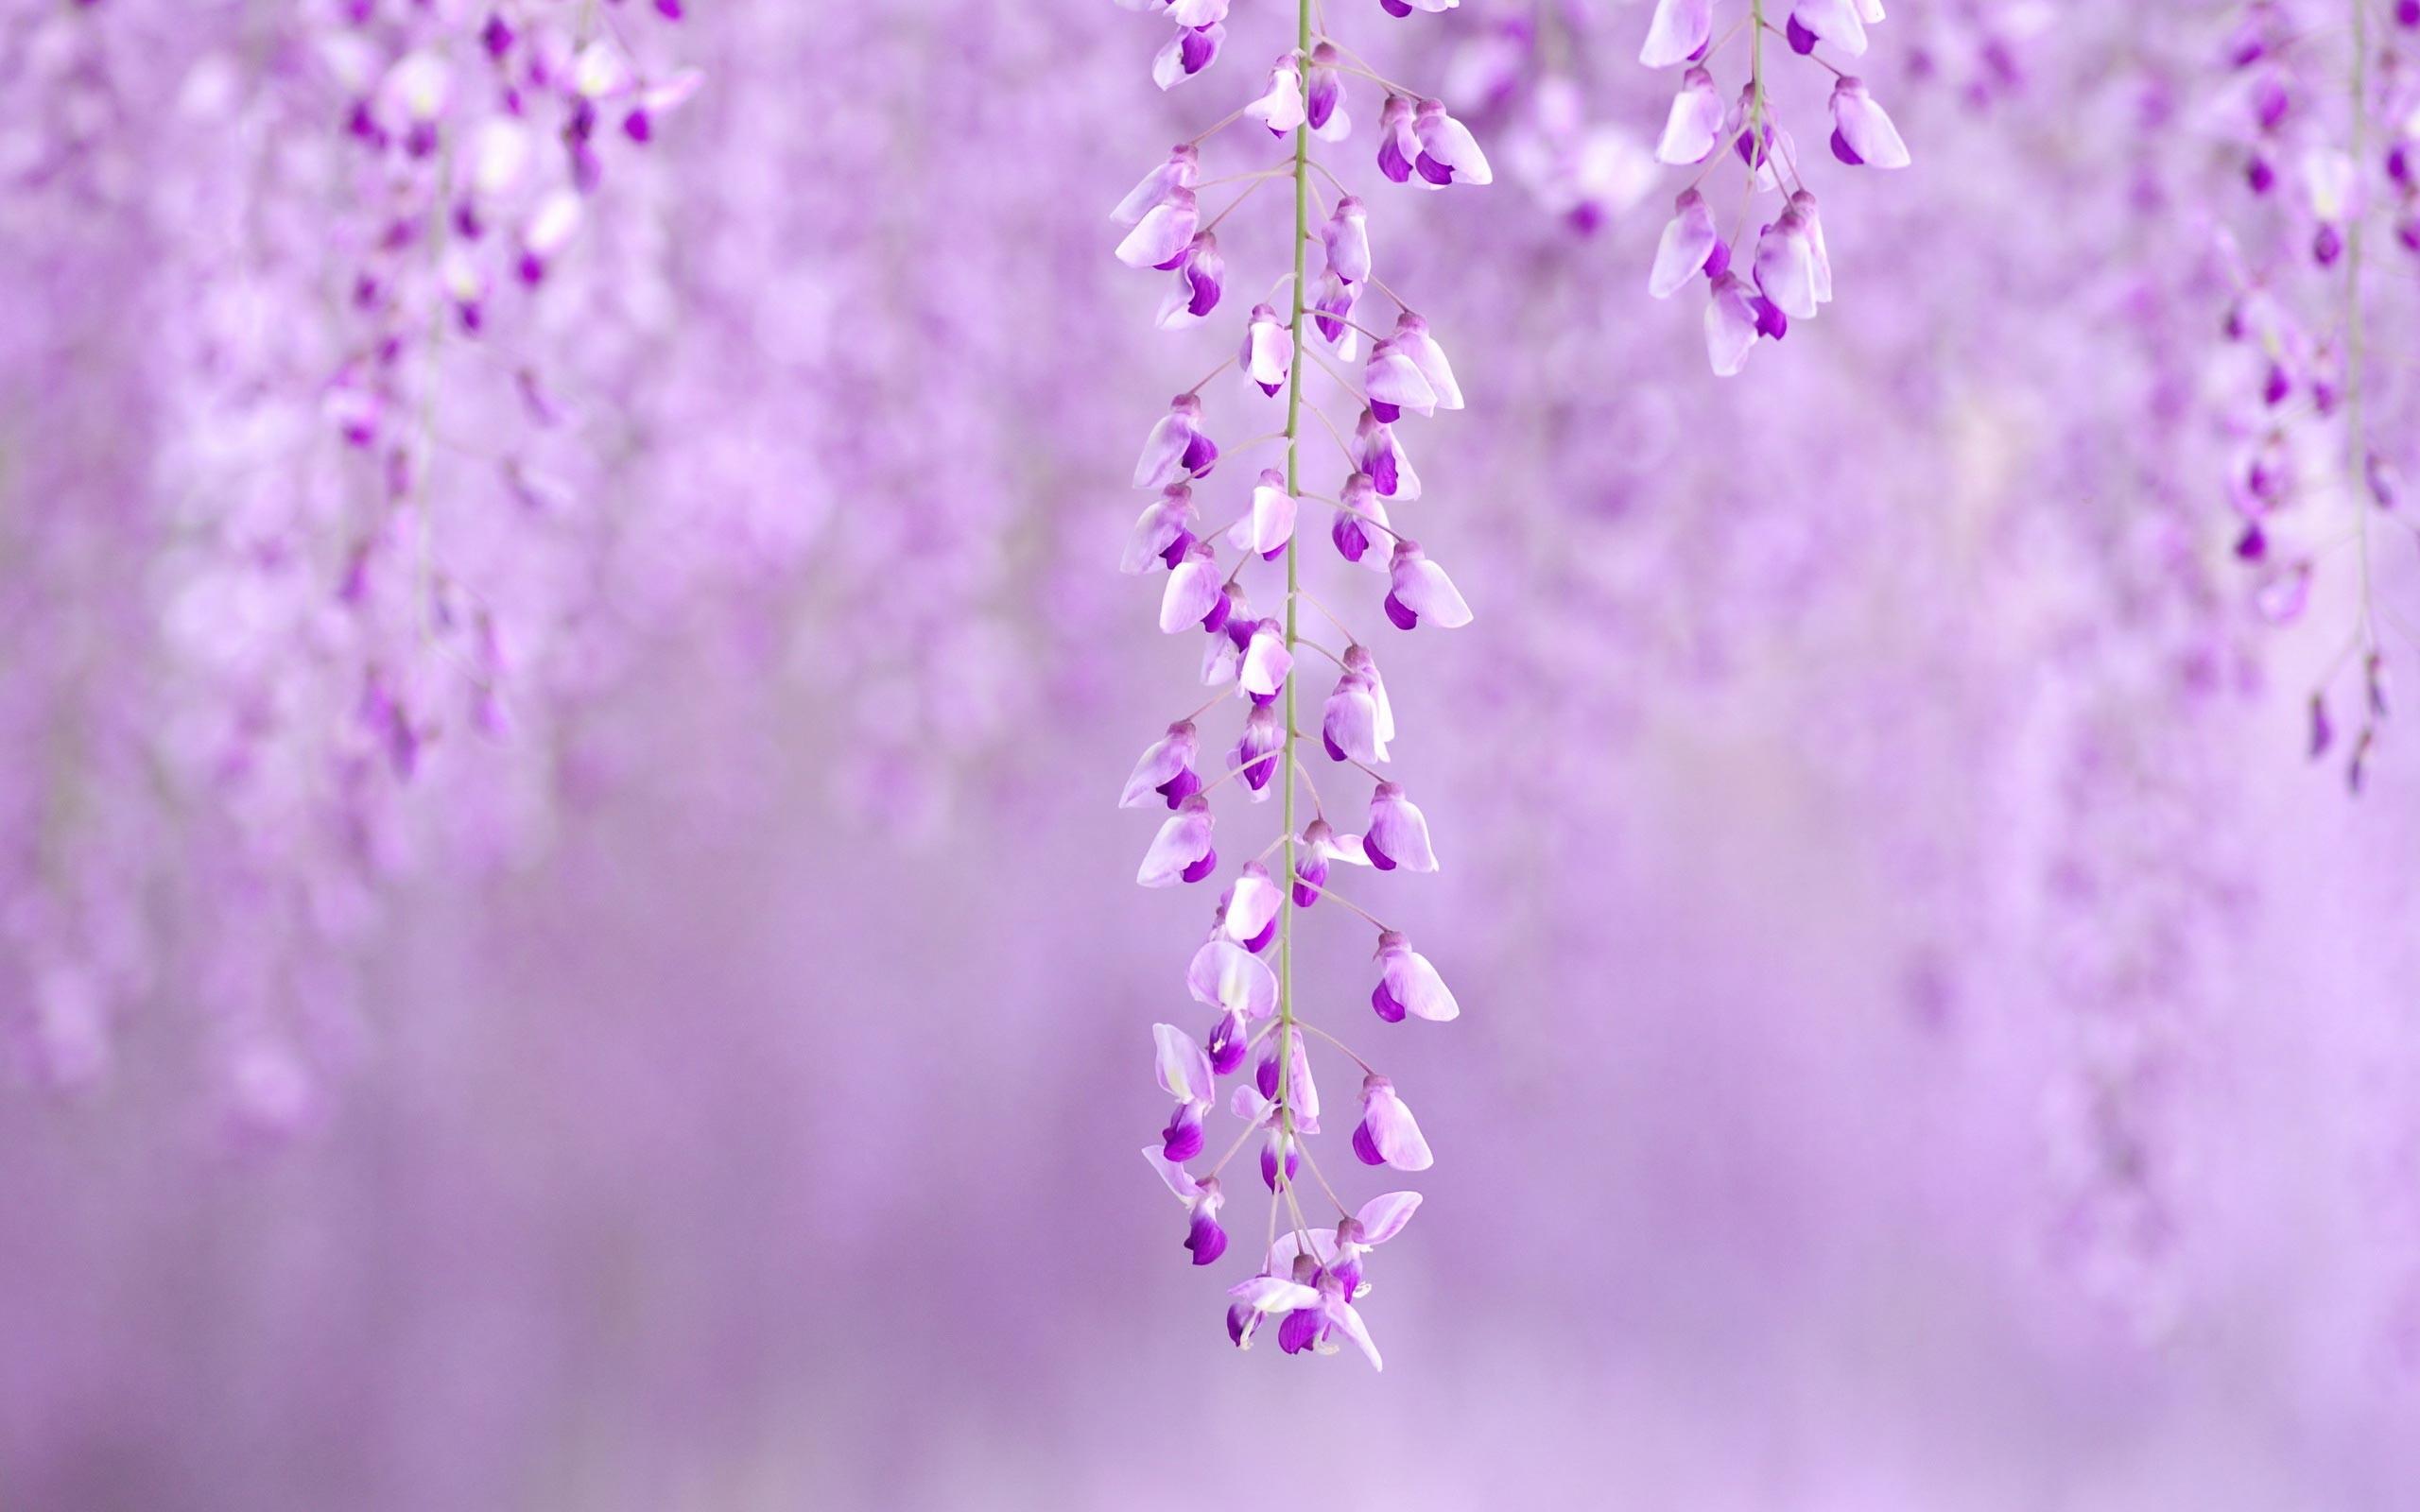 Desktop Wallpaper Spring Flowers Flowers Healthy